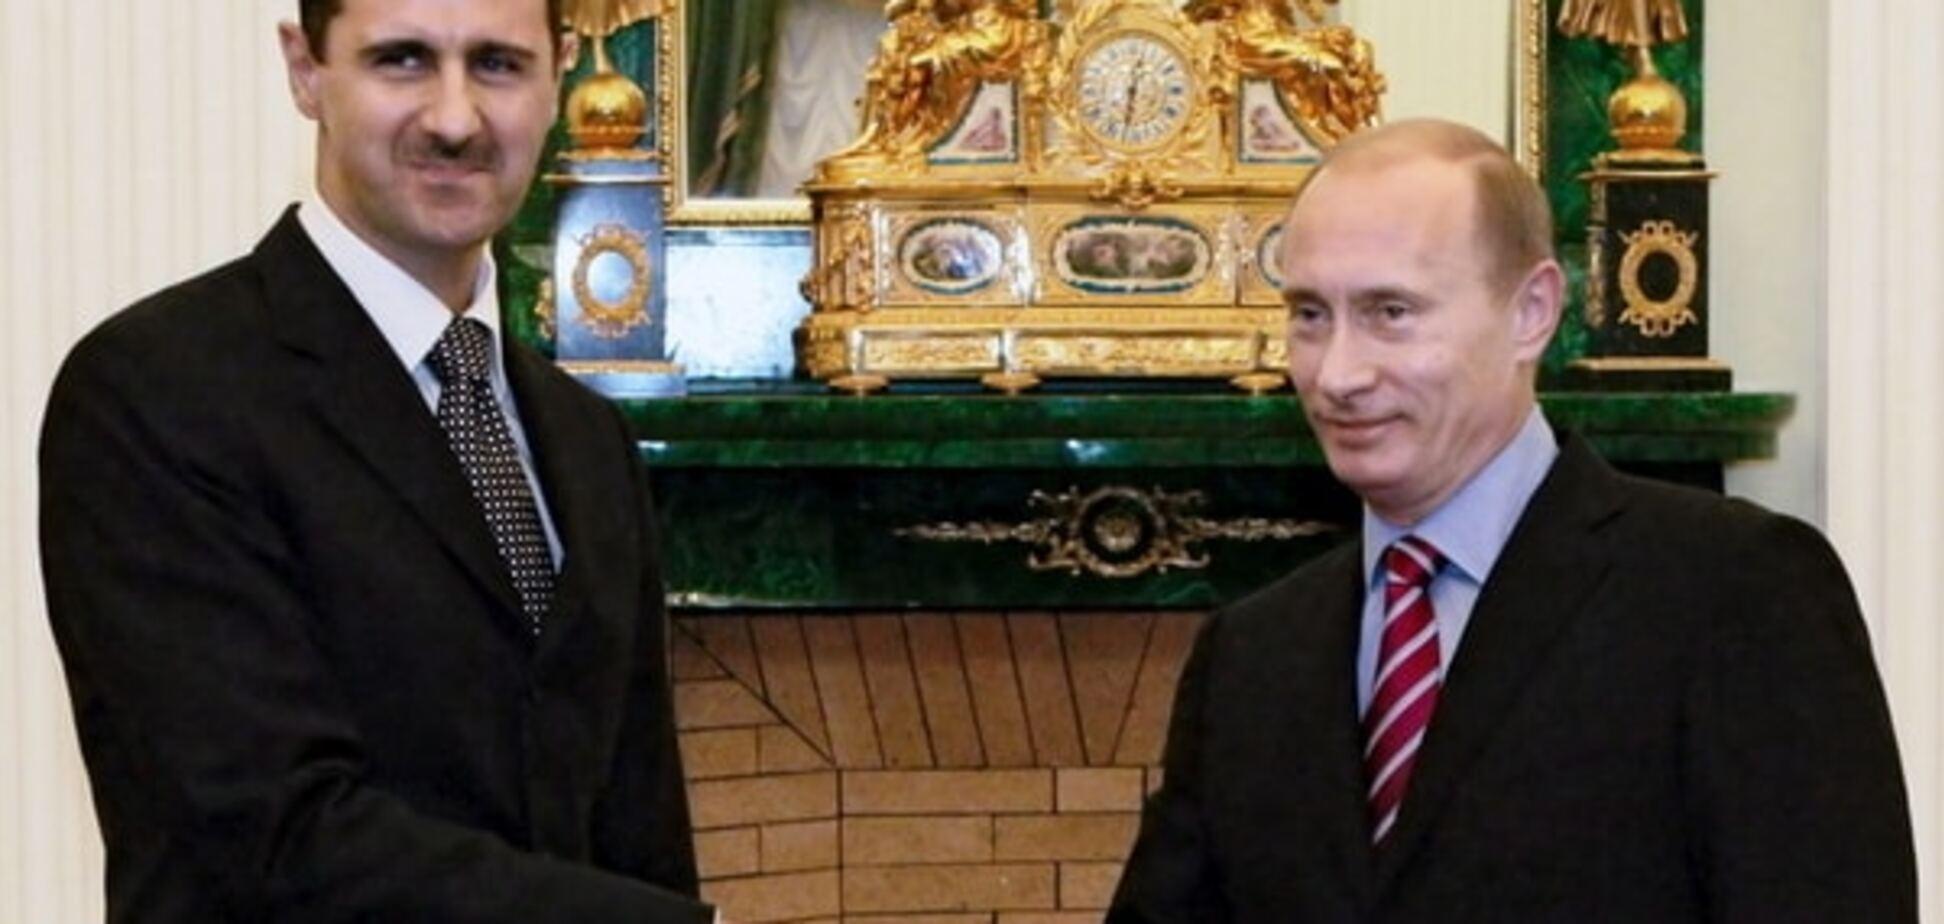 Путин сдал Асада, сдаст и Сирию - генерал